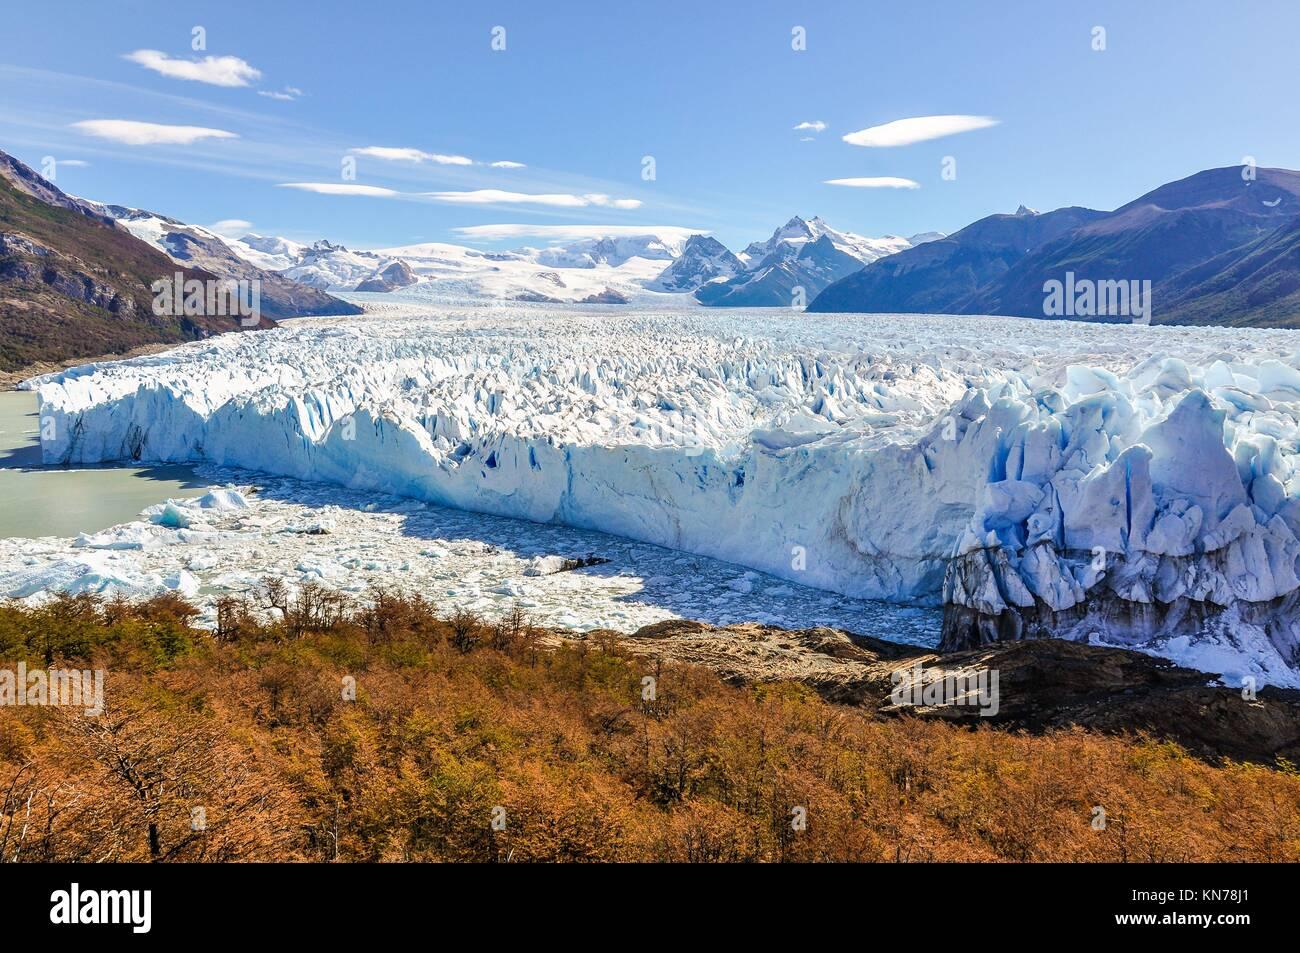 Panoramic view at the Perito Moreno Glacier, Patagonia, Argentina. - Stock Image